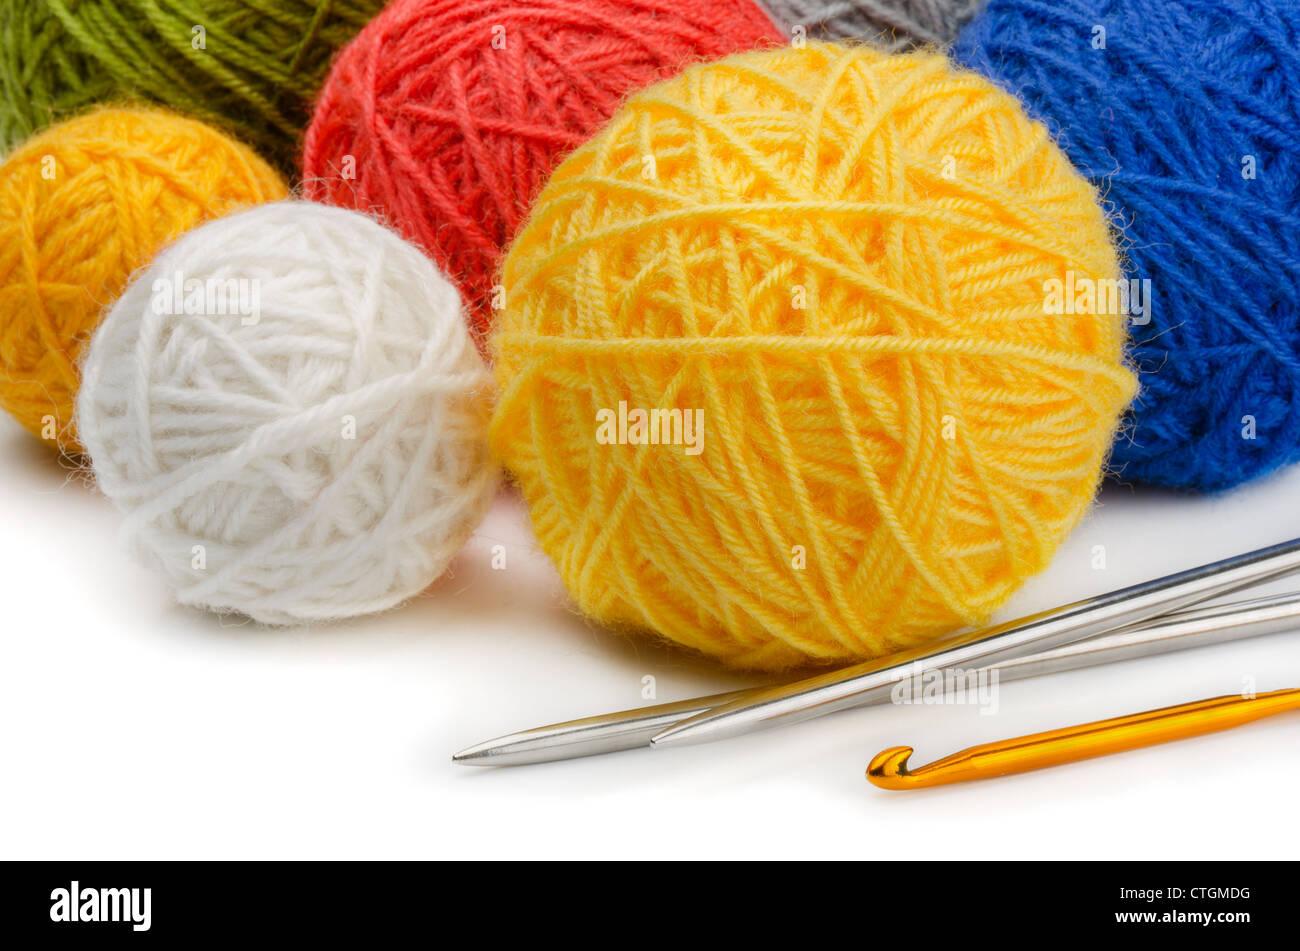 Laine couleur échevettes, des aiguilles à tricoter et crochet Photo Stock